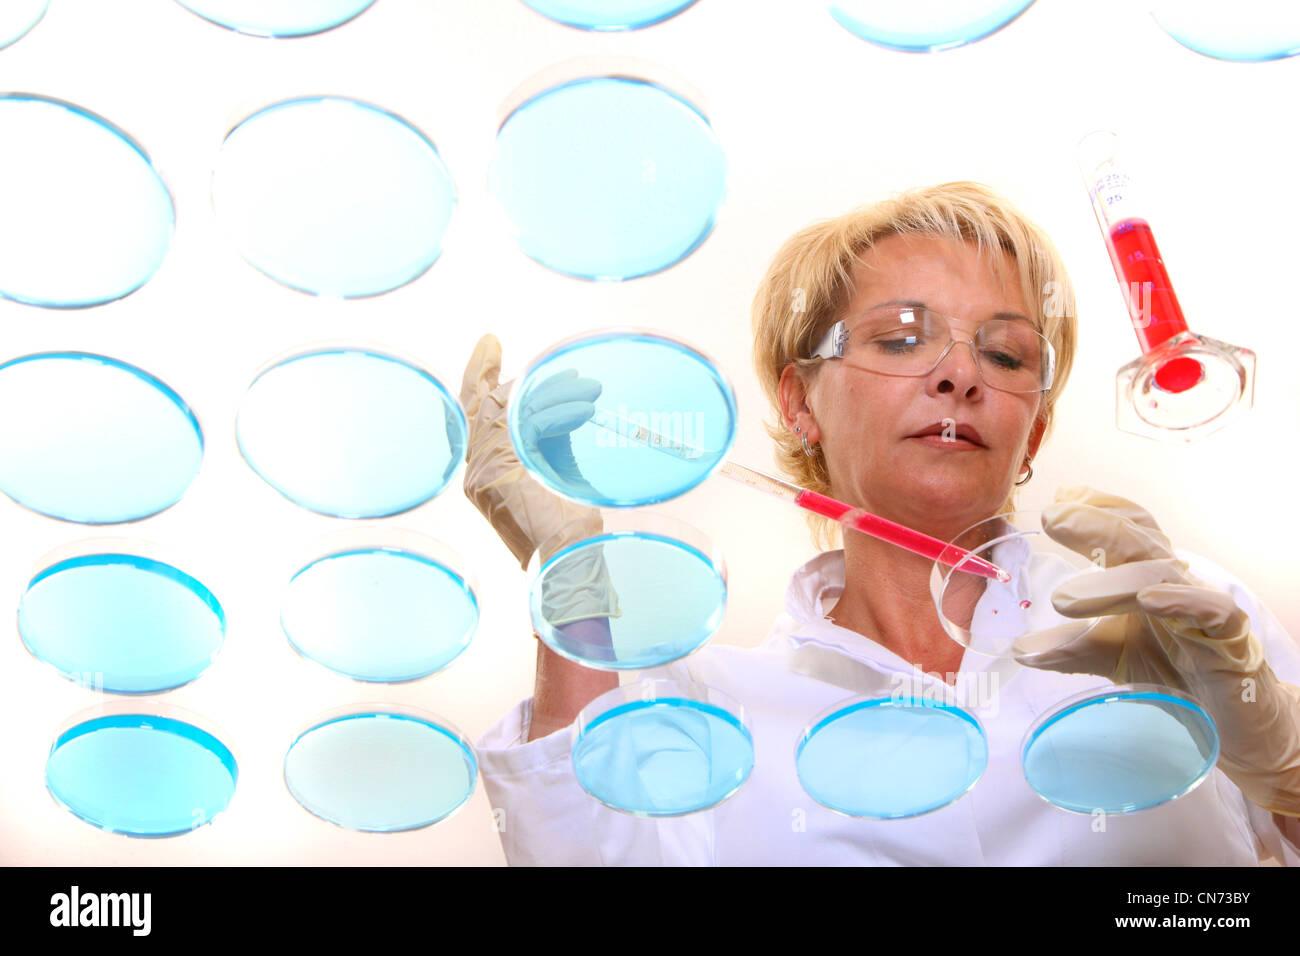 Técnico de laboratorio trabajando en el laboratorio con cultivos de bacterias en placas de Petri. Visto a través Imagen De Stock